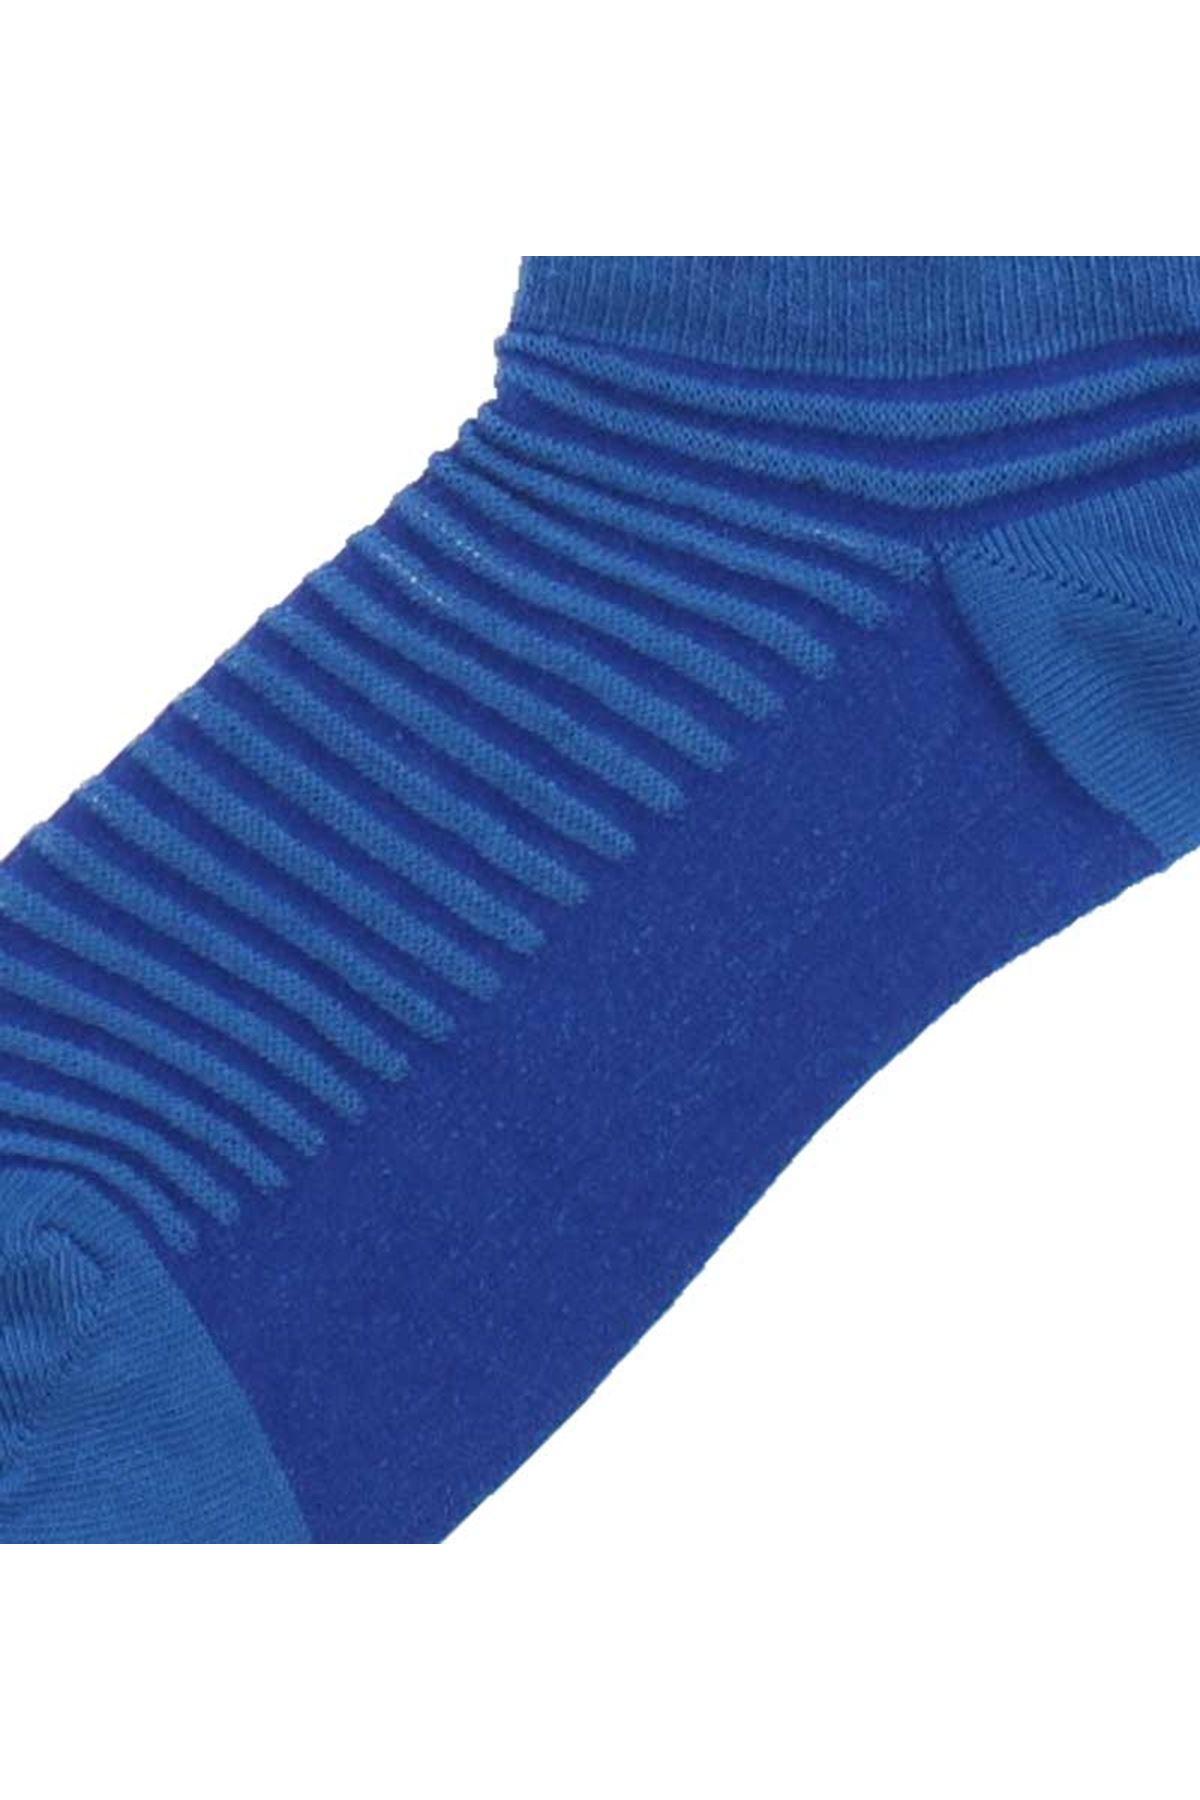 By Jawalli Kadın Mavi Parfümlü Patik Çorap